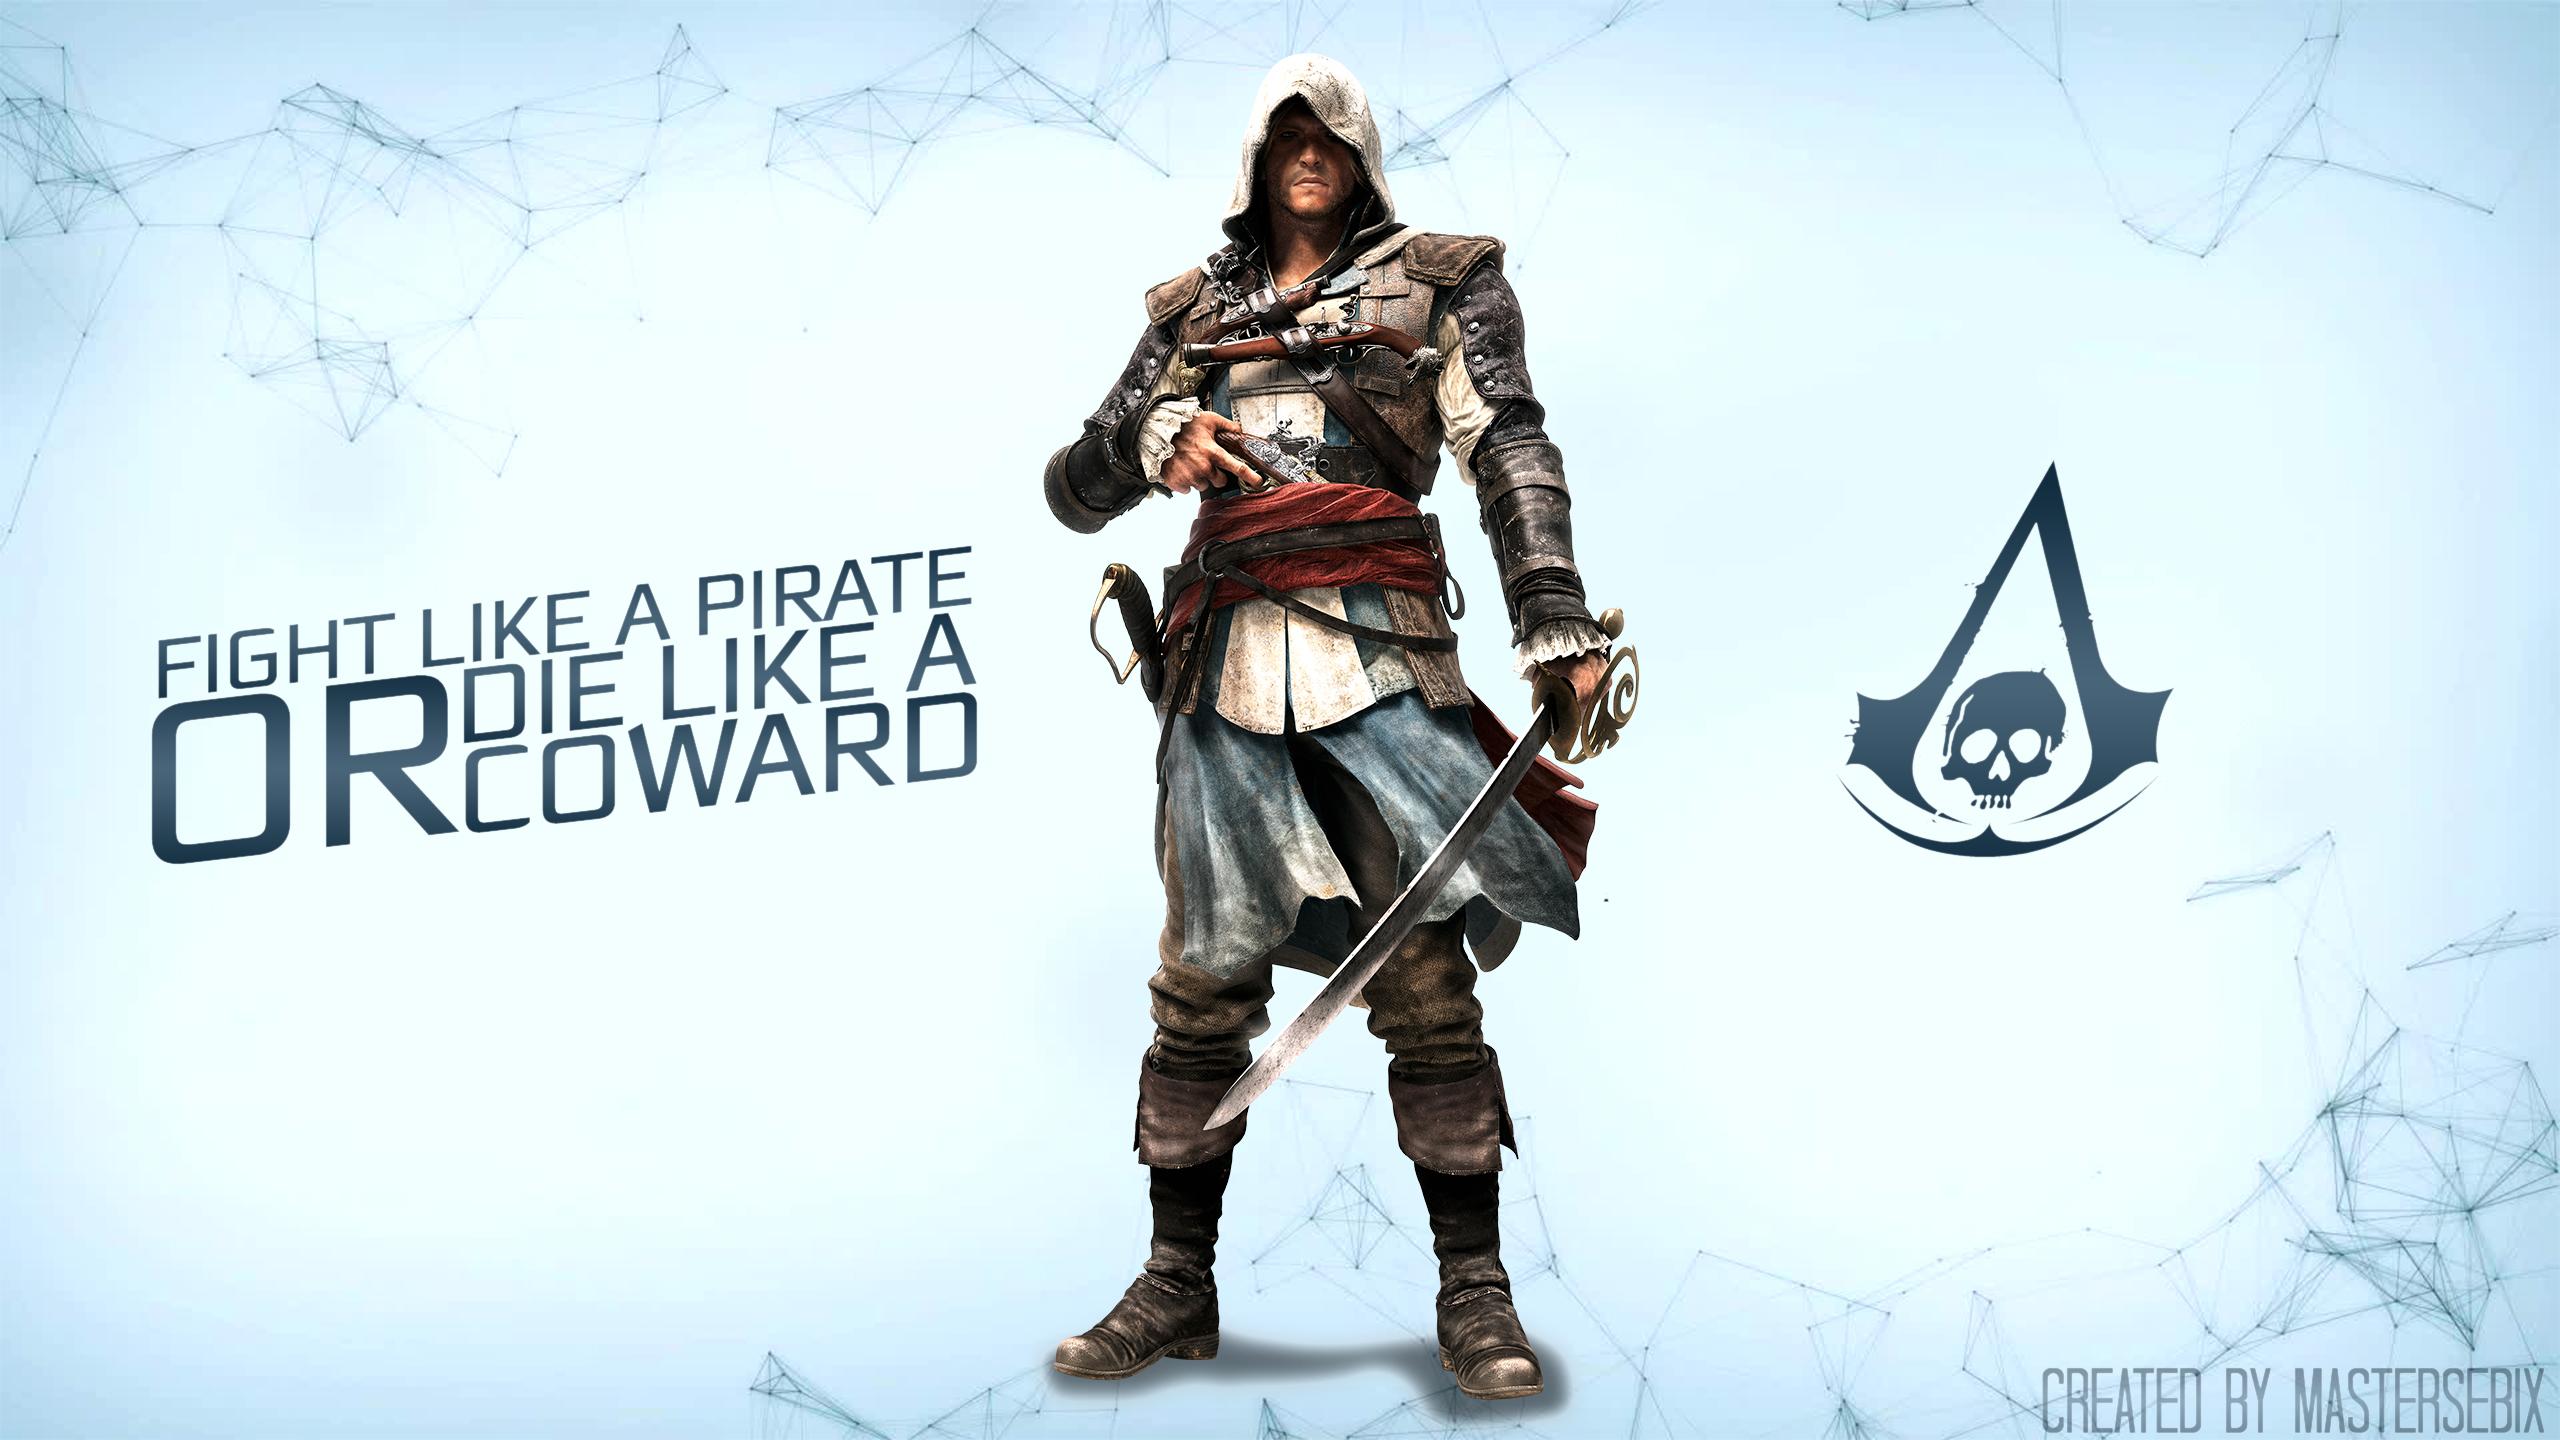 Image assassins creed 4 black flag full hd wallpaper 9g full resolution download voltagebd Gallery